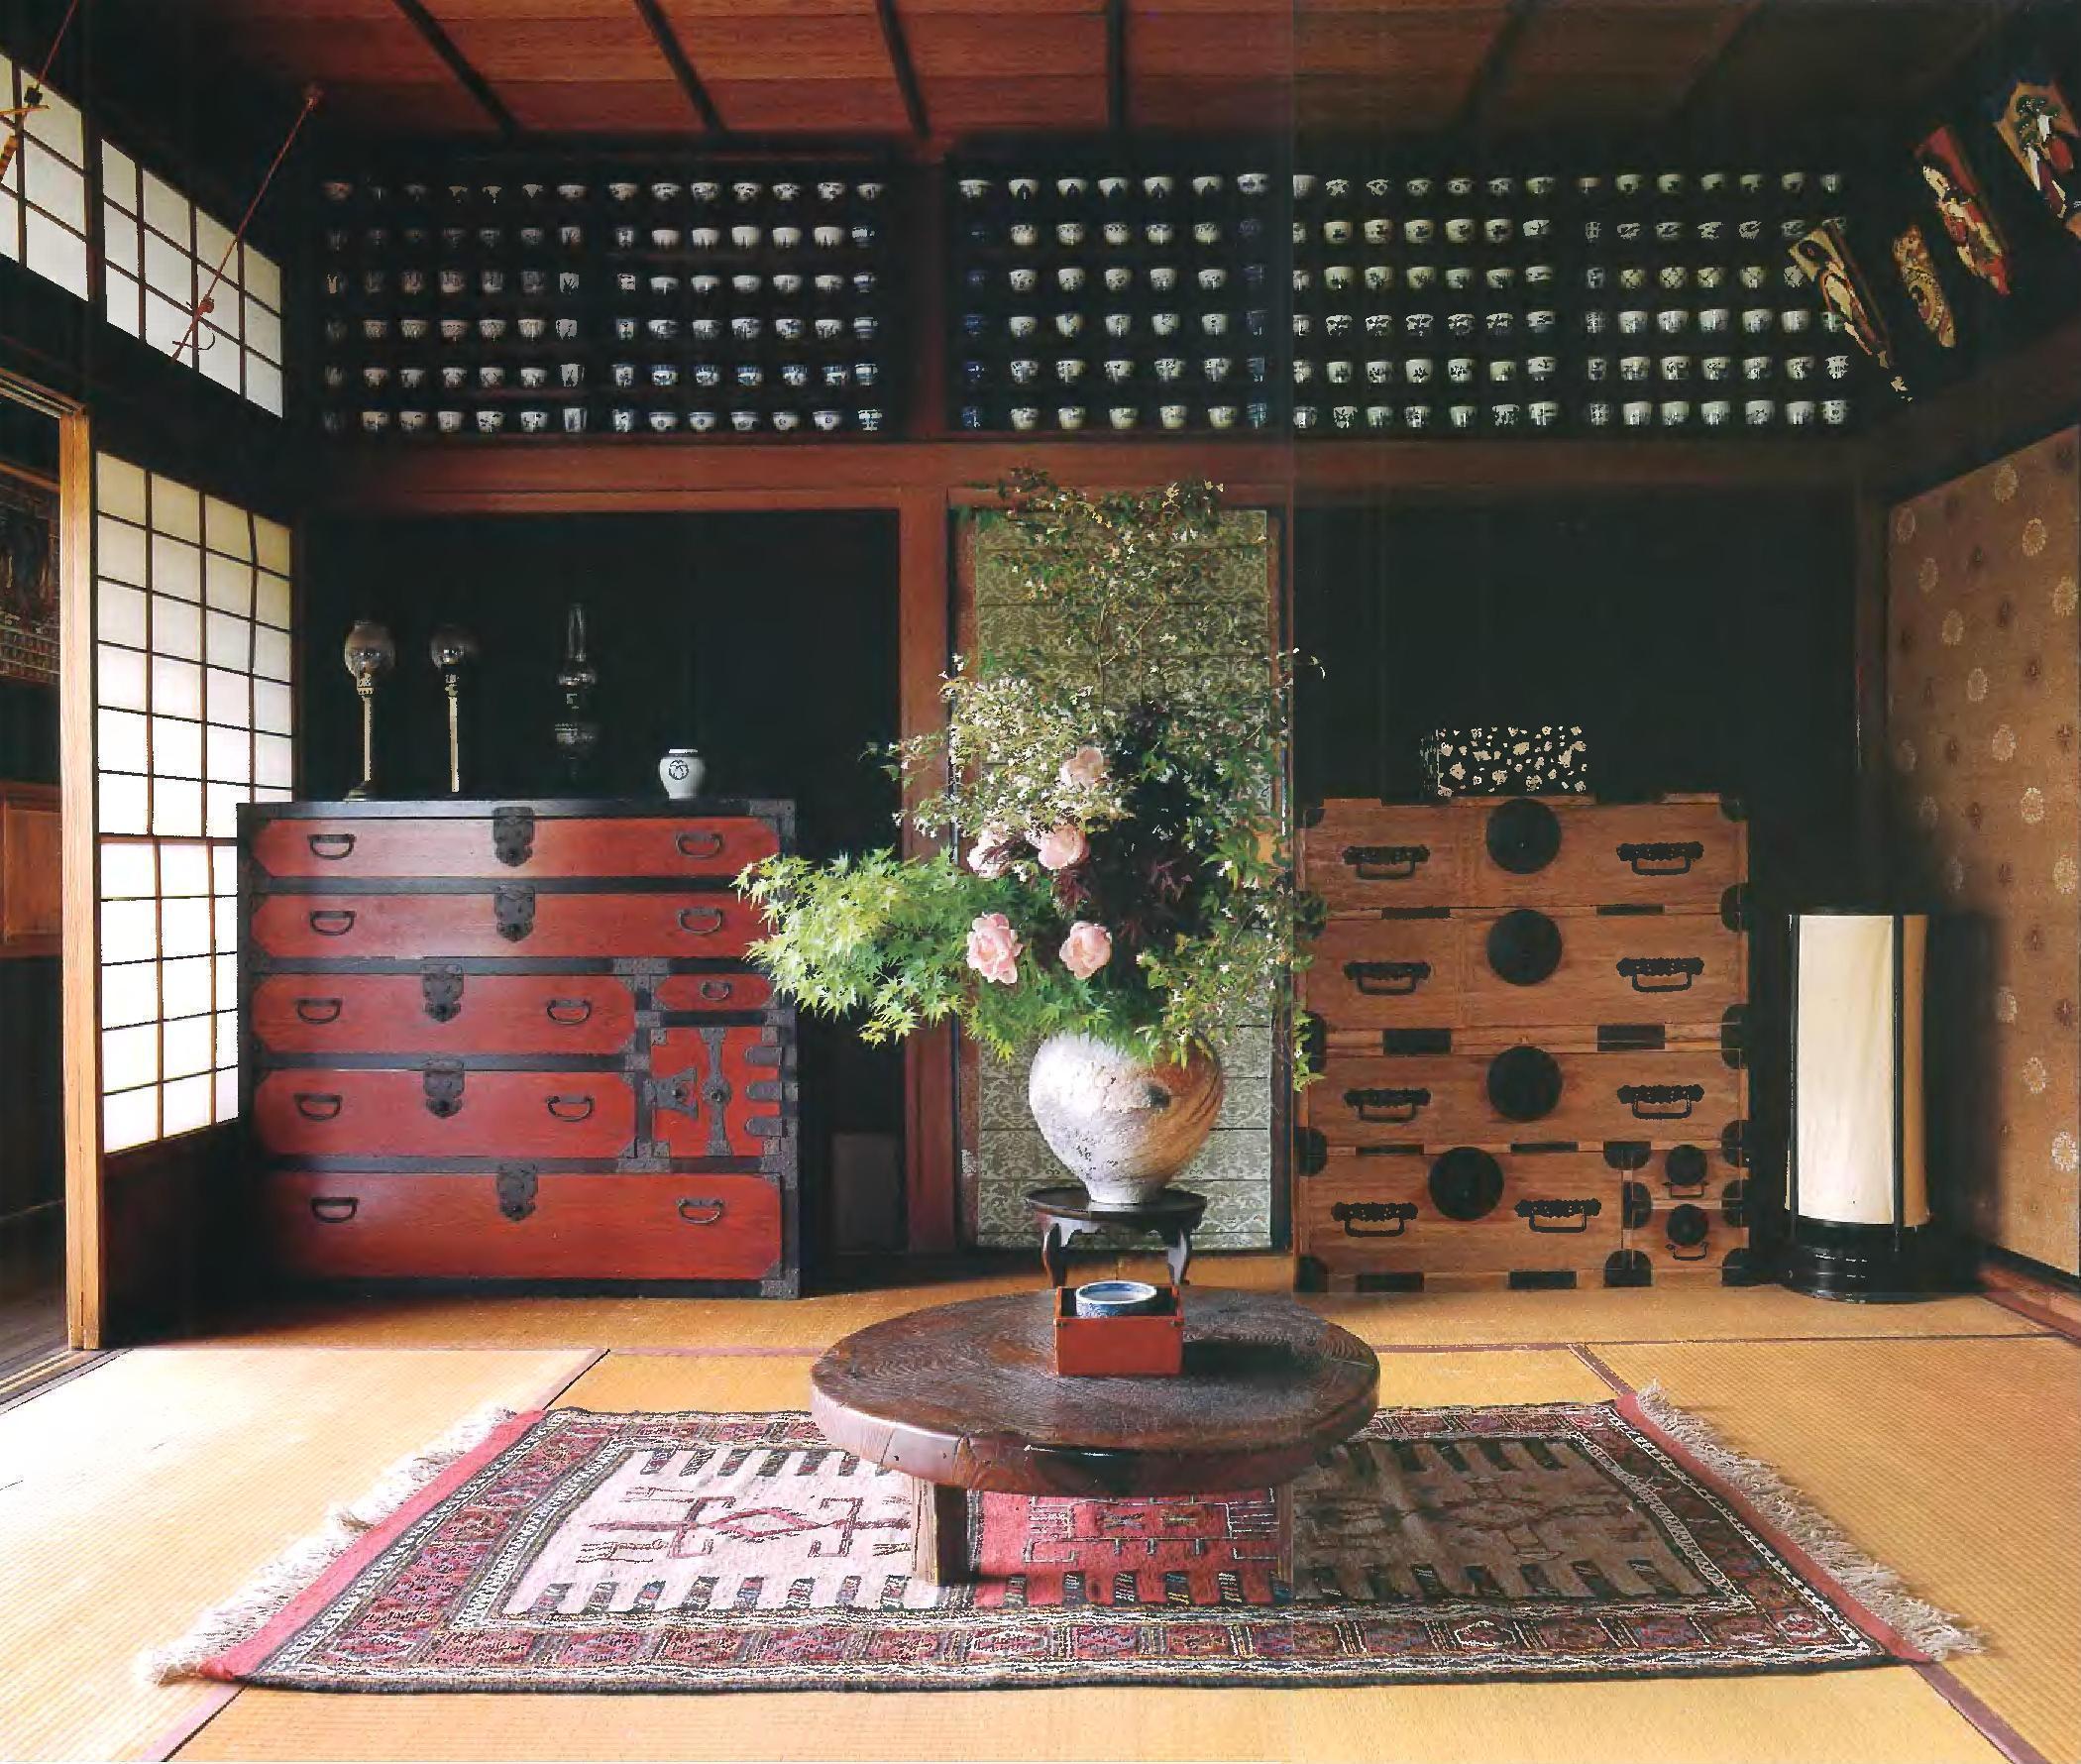 В минималистический стиль такого интерьера впишется мебель с гладкими, ровными поверхностями, без объемного пышного декора. Шкафы-купе, выдержанные в натуральных цветах и из природных материалов.